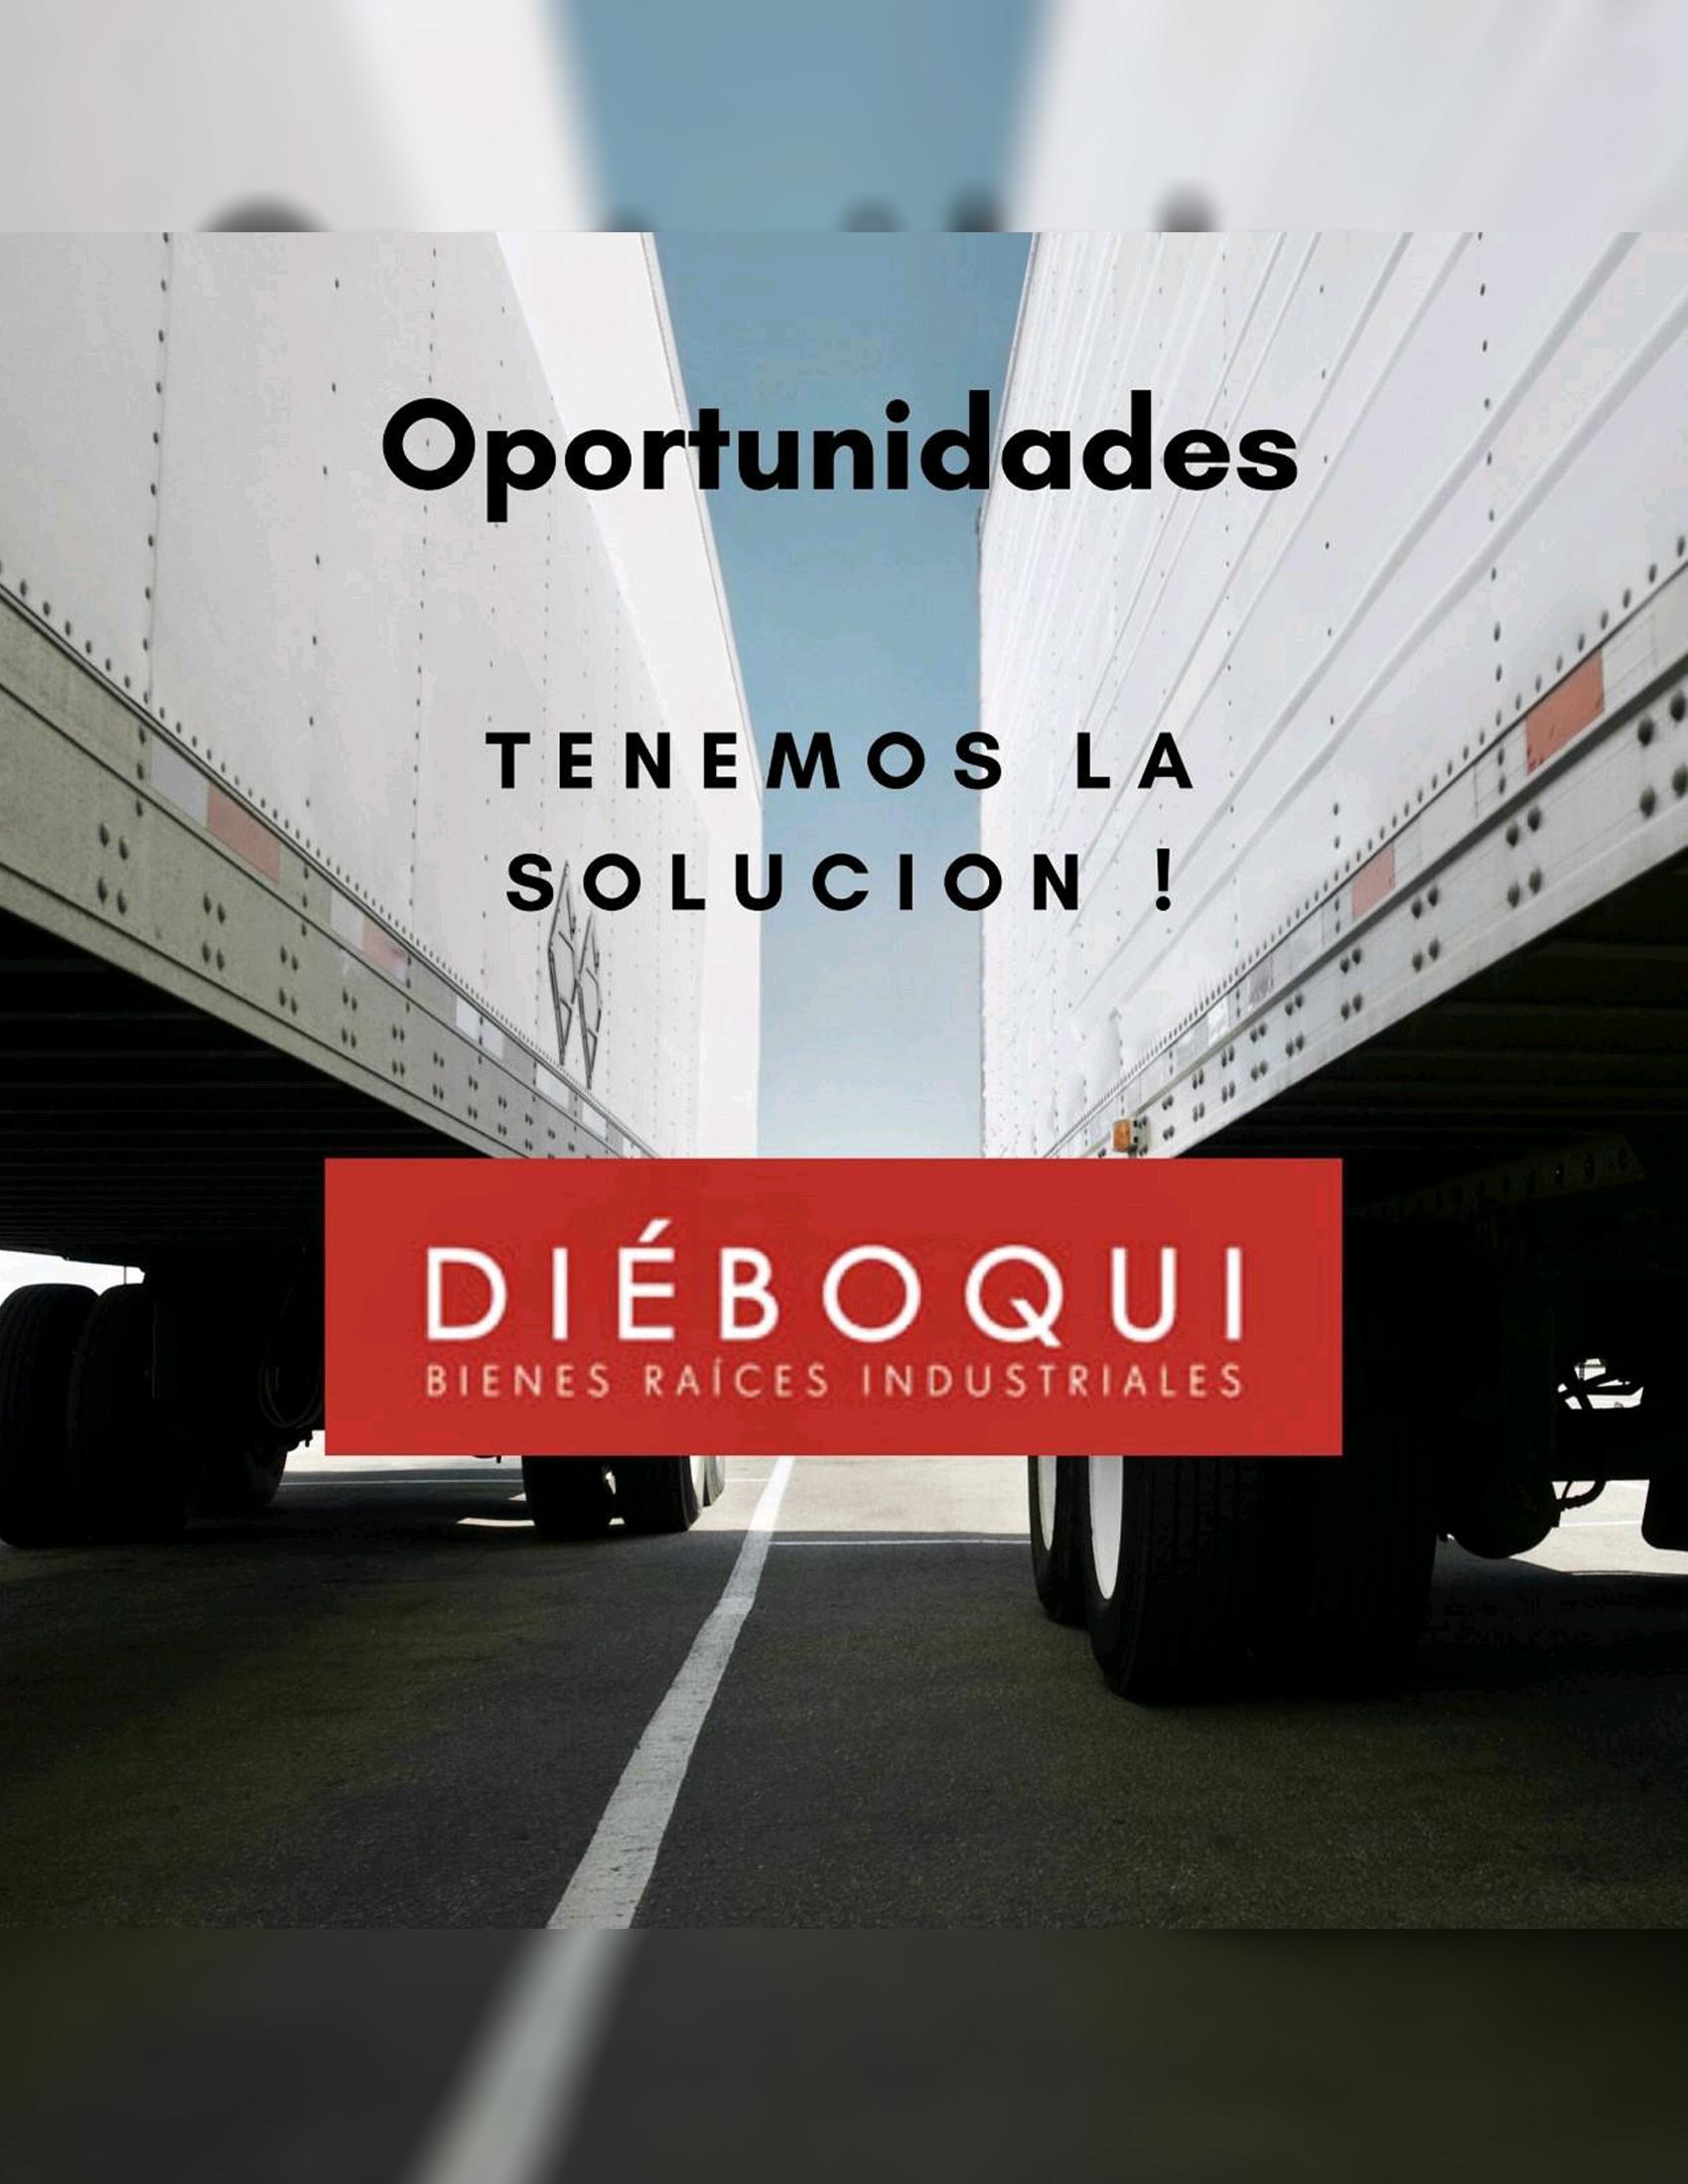 Dieboqui